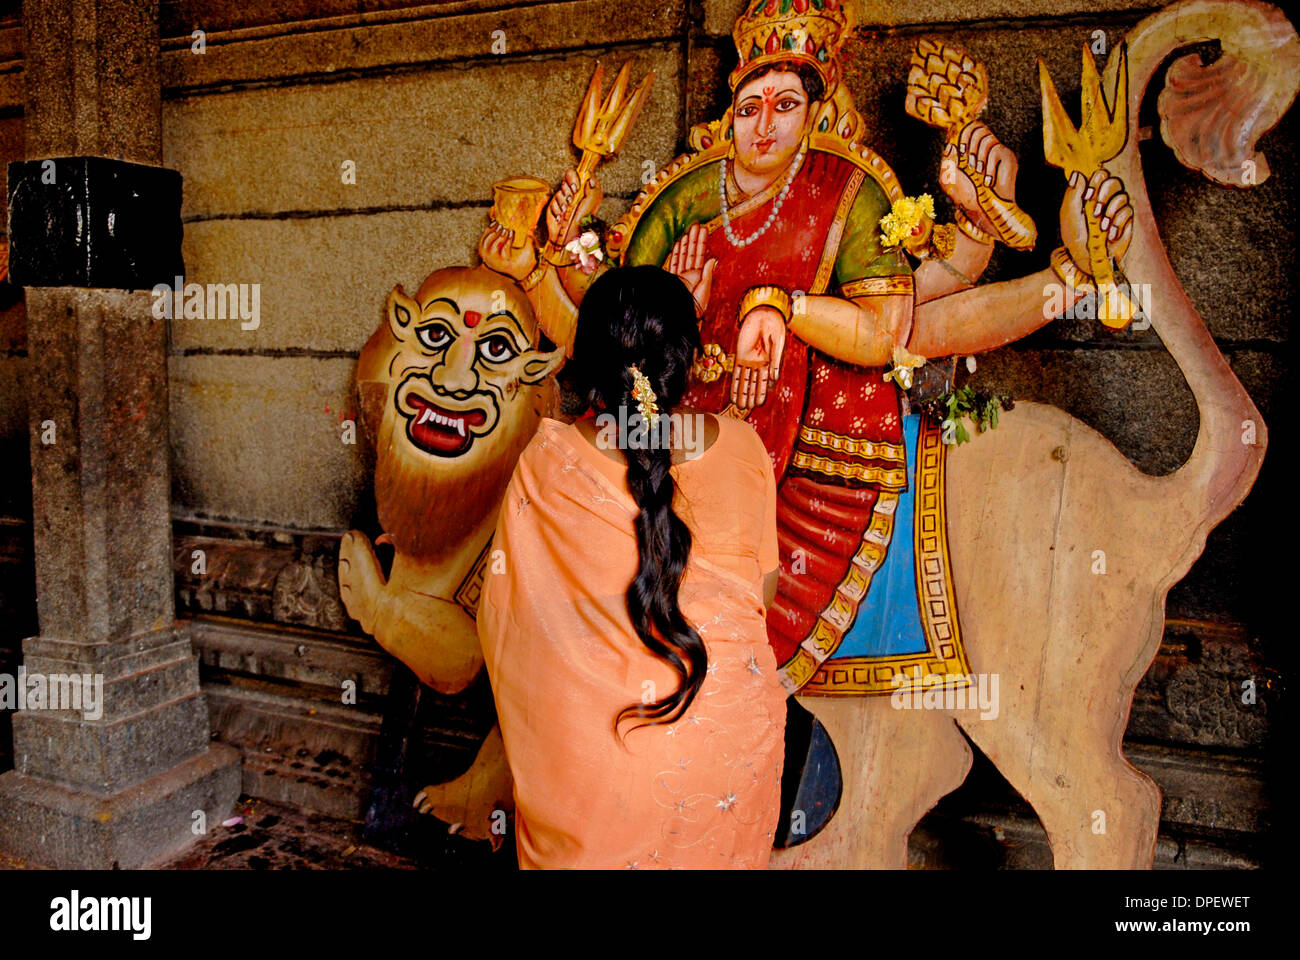 Ottobre 07, 2006 - Bangalore, Karnataka, India - Una donna Indù onora la Durga Puja a un tempio a Bangalore in India. Durga significa letteralmente il rimovitore di miserie della vita. Donne .pregare la suprema dea madre Durga, che racchiude tutta la potenza dell'universo per alleviare le loro difficoltà nelle leggi della natura. Essi pregano per la ricchezza, buon auspicio, la prosperità e la conoscenza e l'ot Immagini Stock